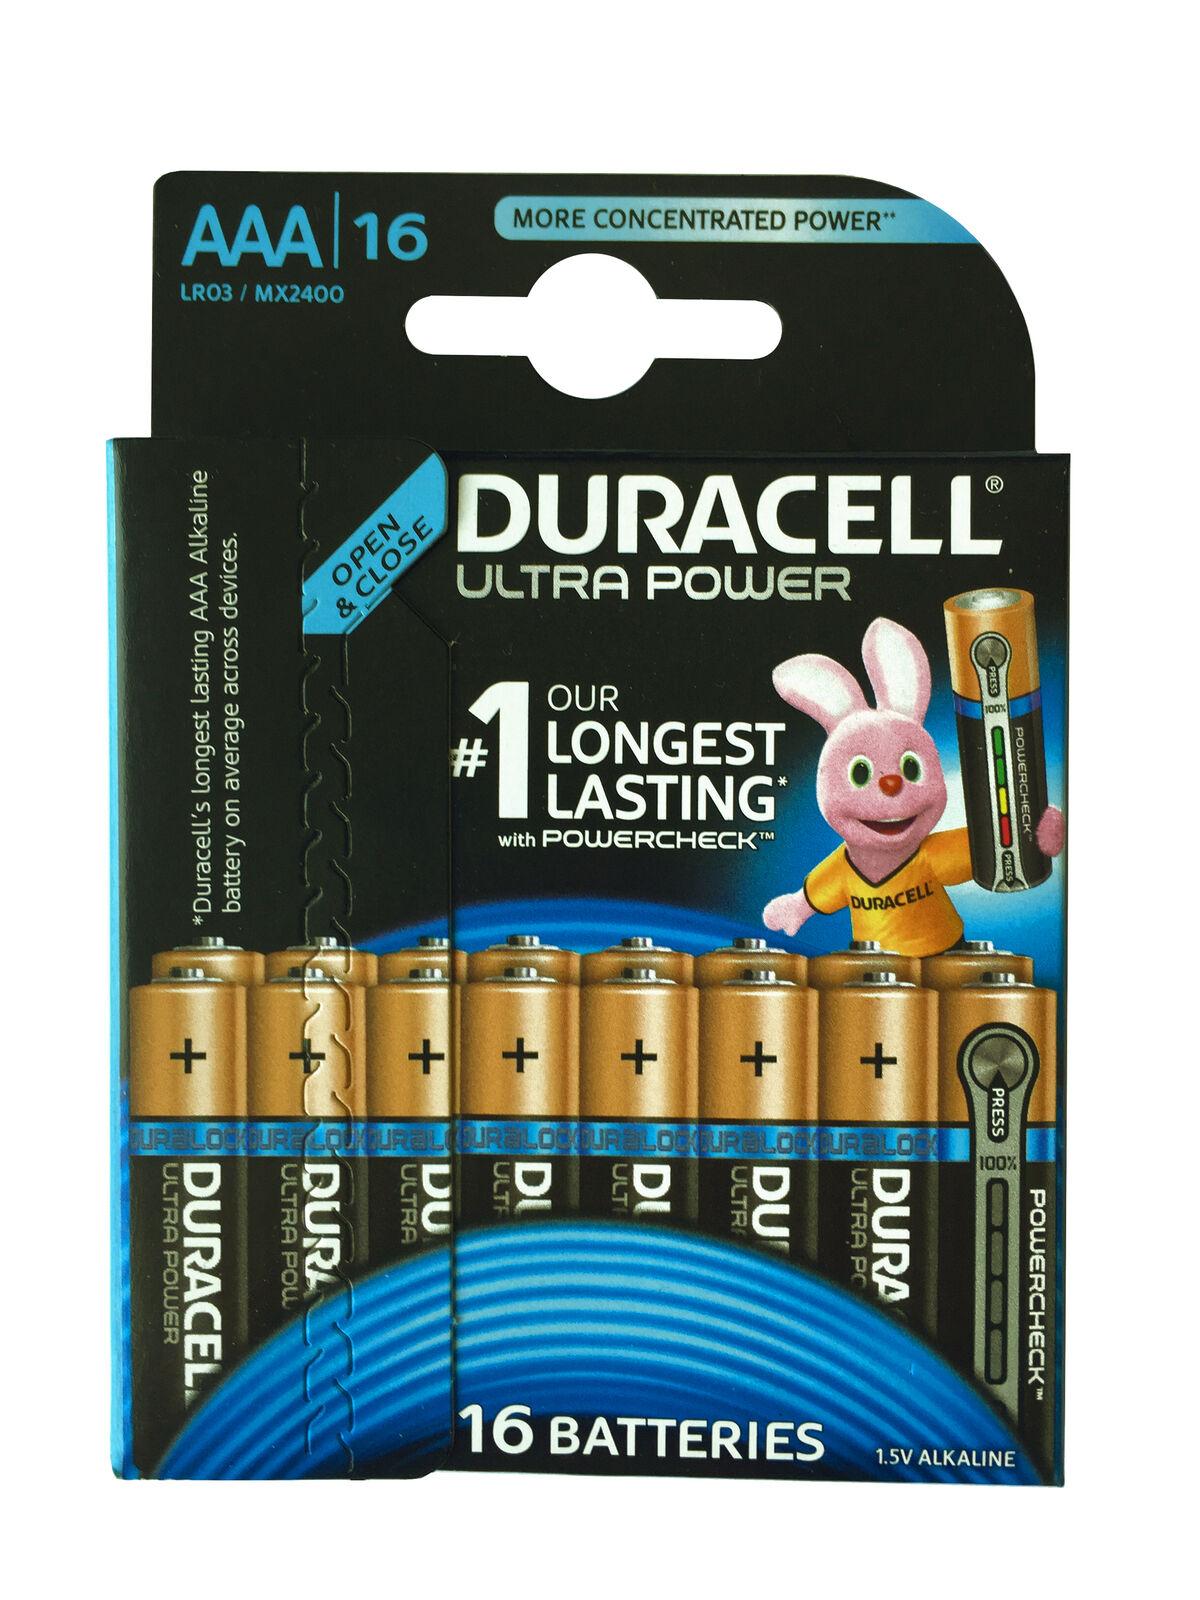 Duracell 16er Blister Ultra Power AAA Micro Batterien 1.5 V Alkaline MX2400